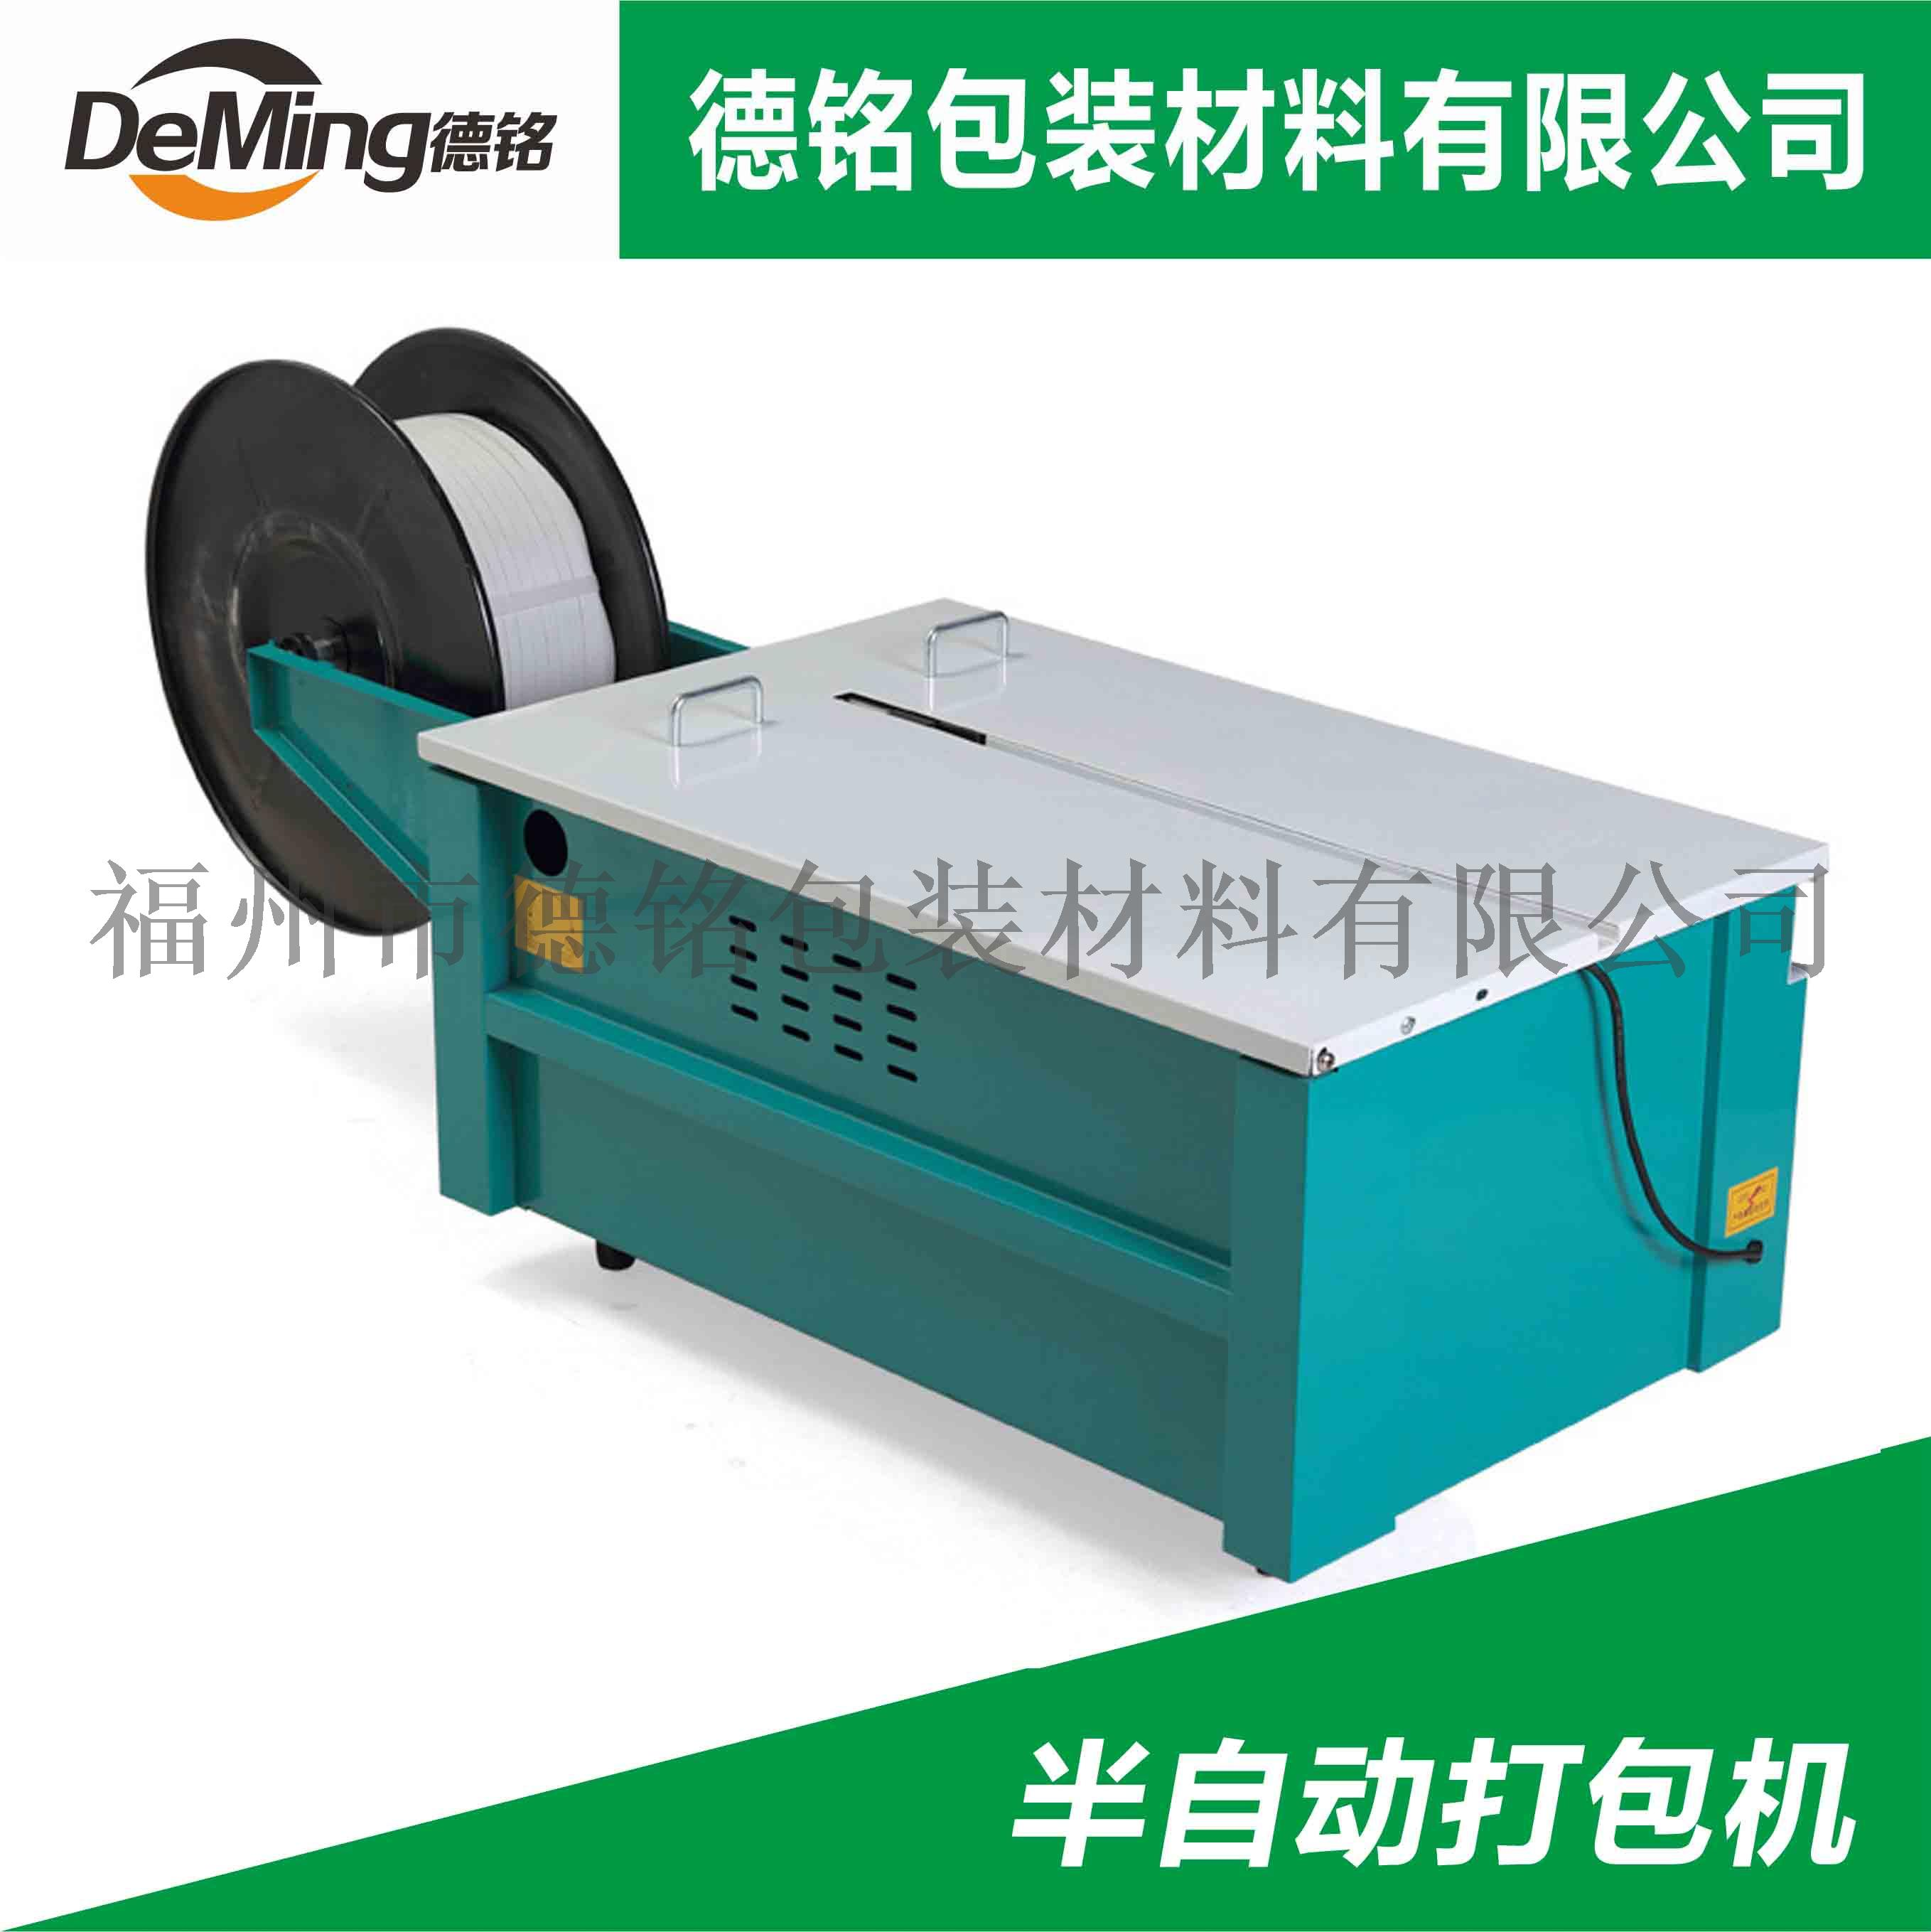 產品展示打包機7.jpg